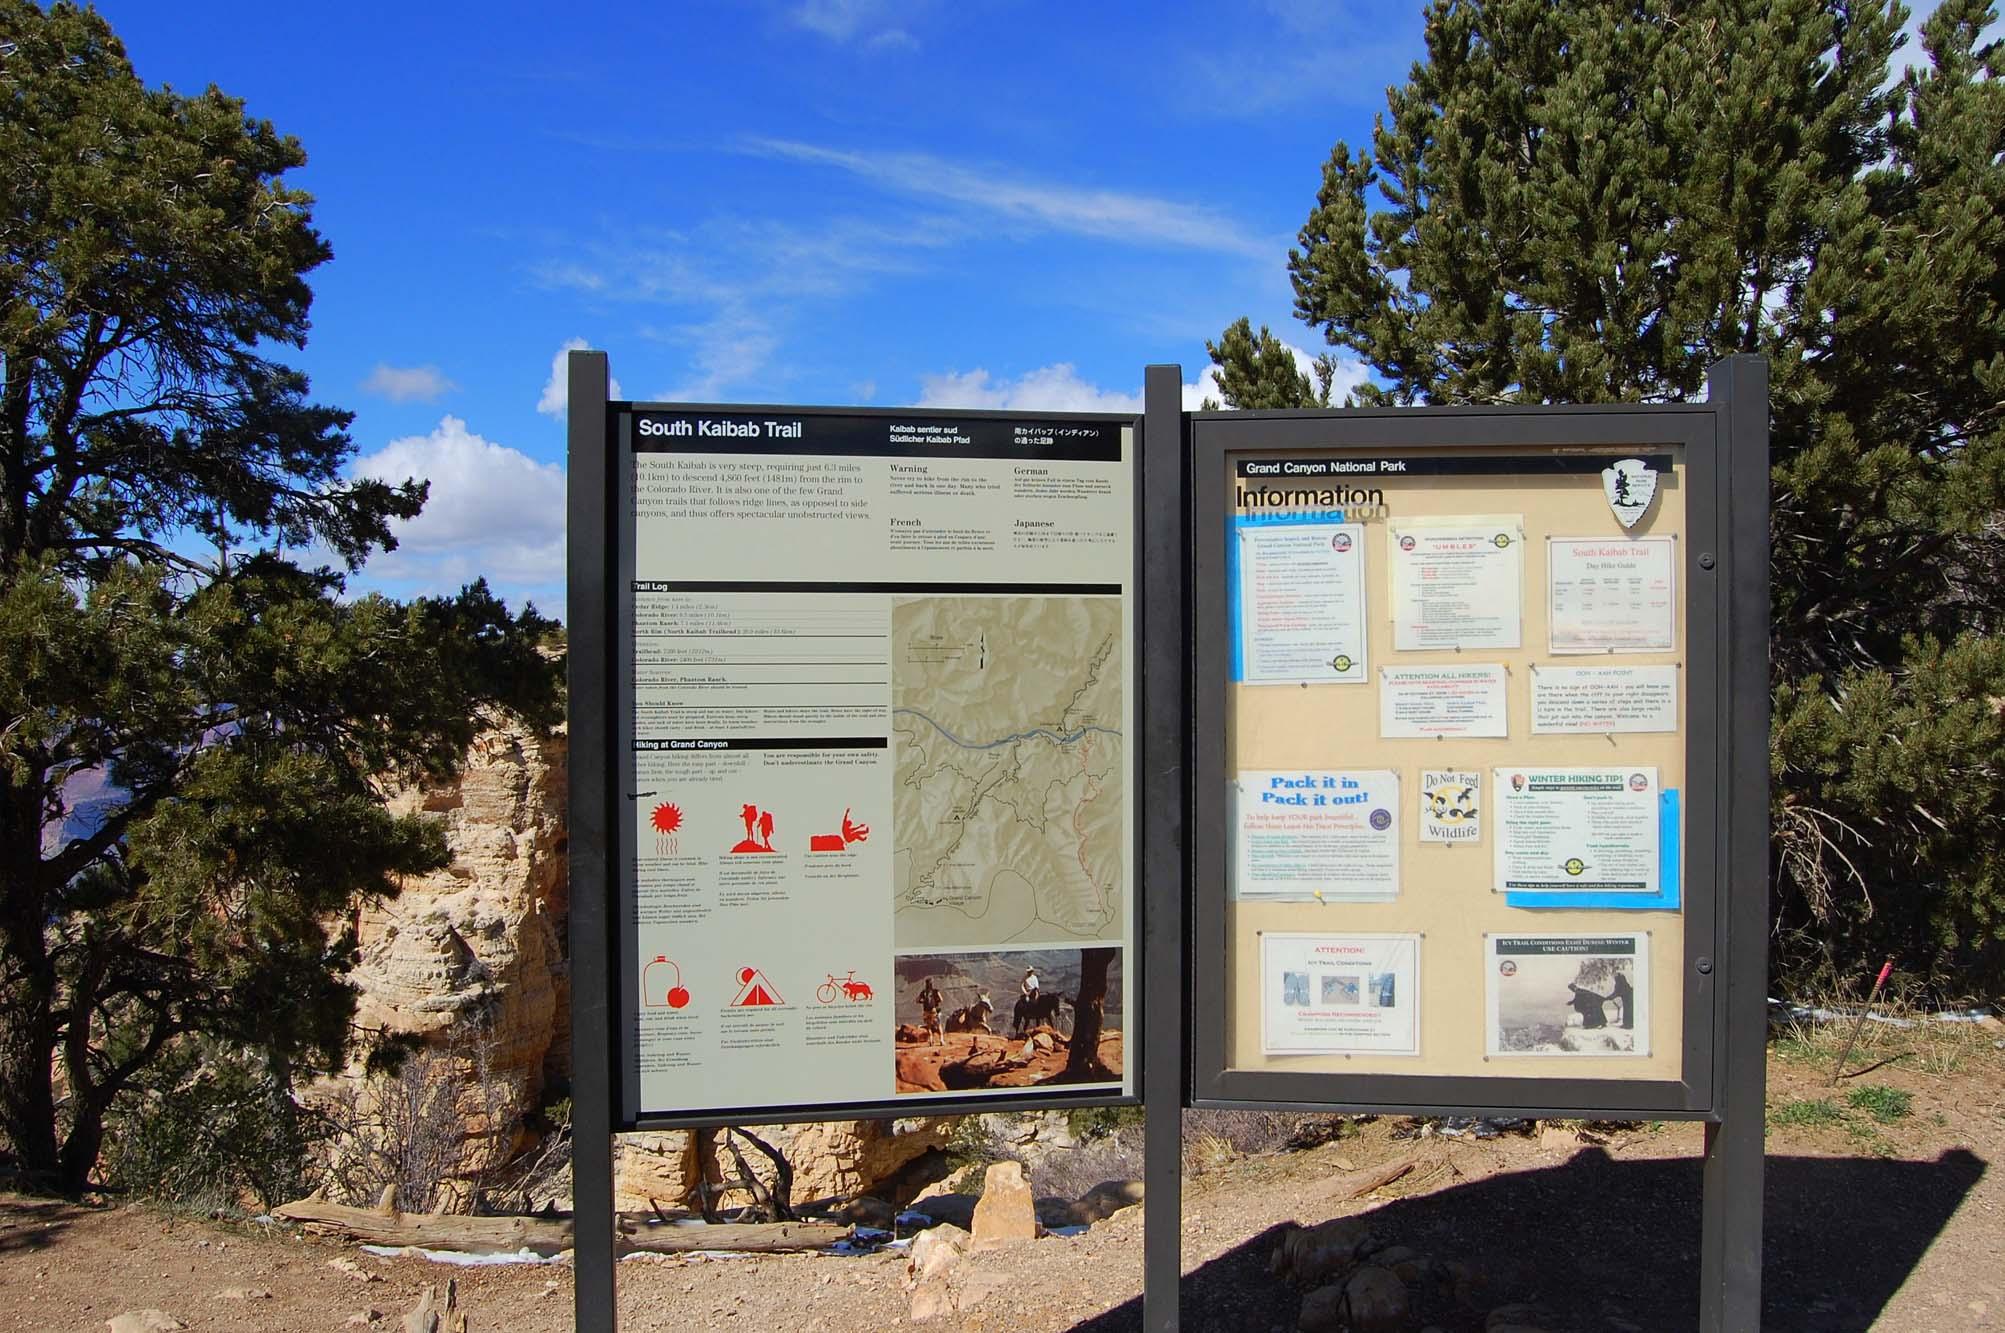 South Kaibab Trail Head